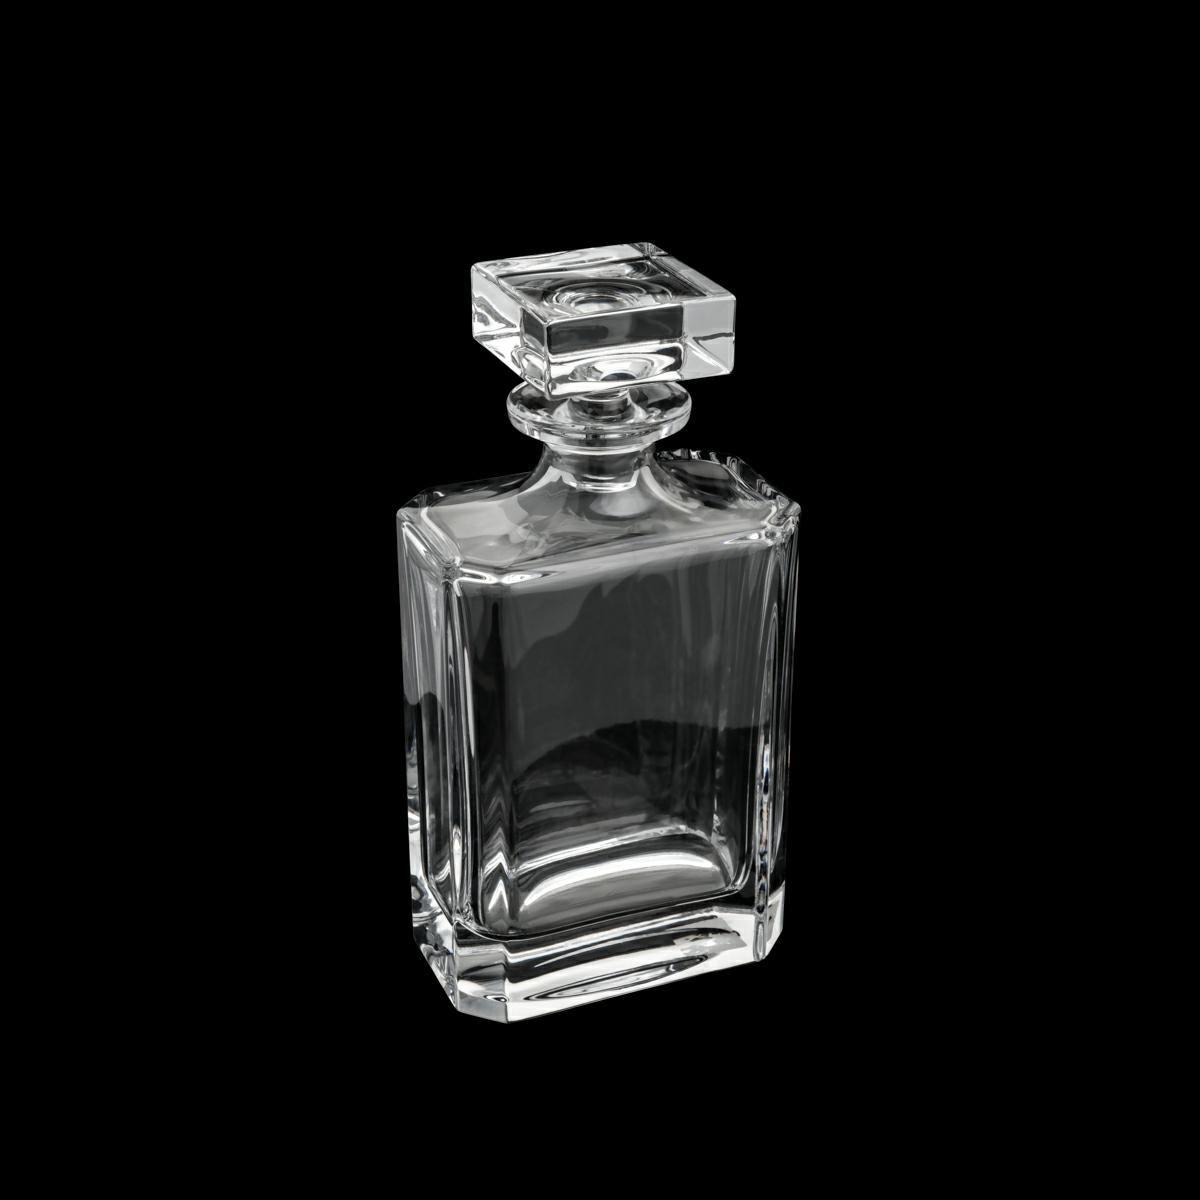 Garrafa 700ml para whisky de cristal transparente Blank Quadrado Bohemia - 35151